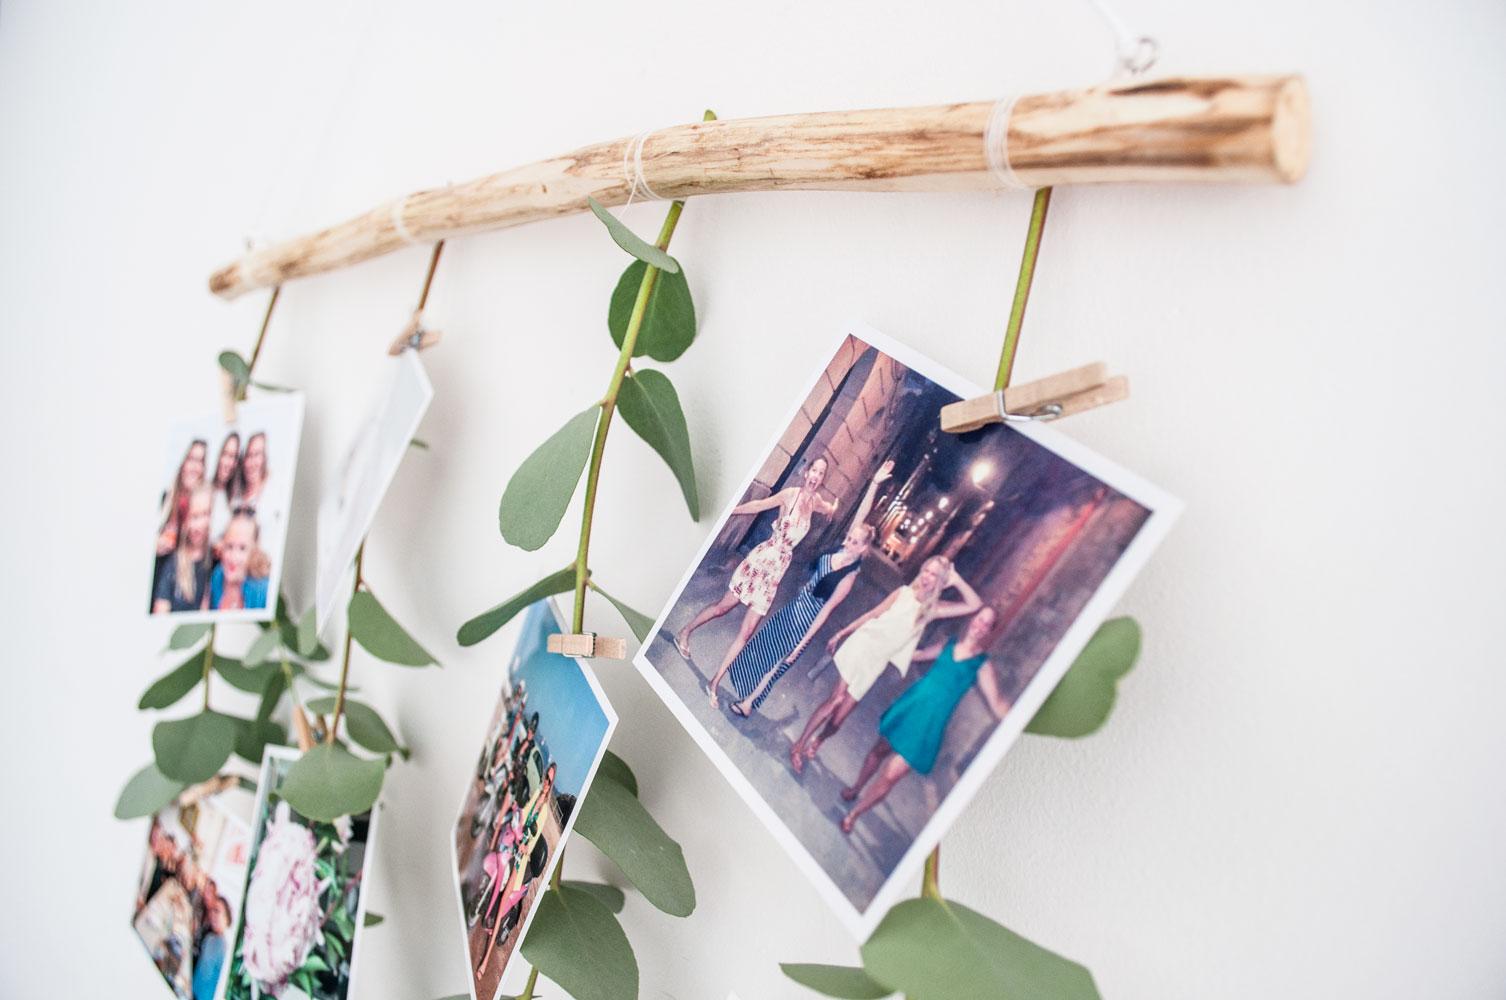 foto muurhanger eucalyptus resultaatperspectief